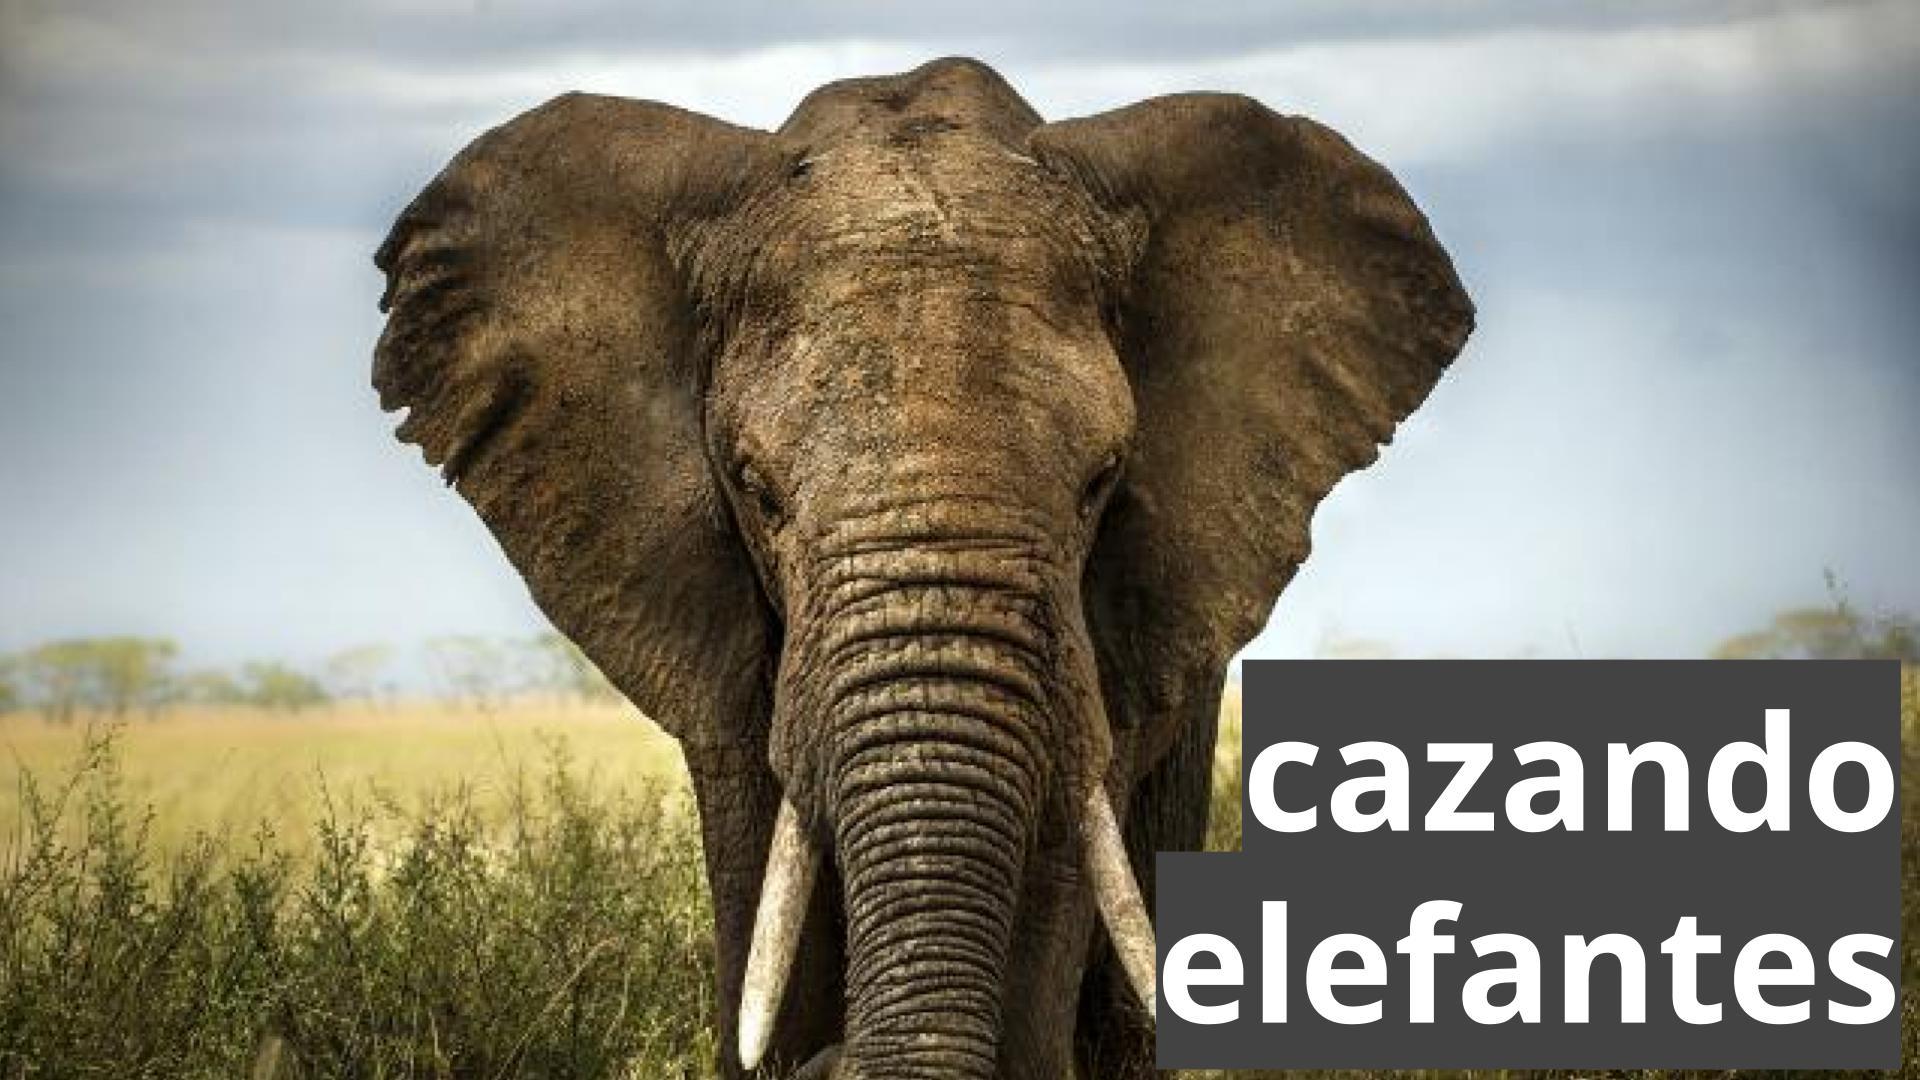 cazando elefantes